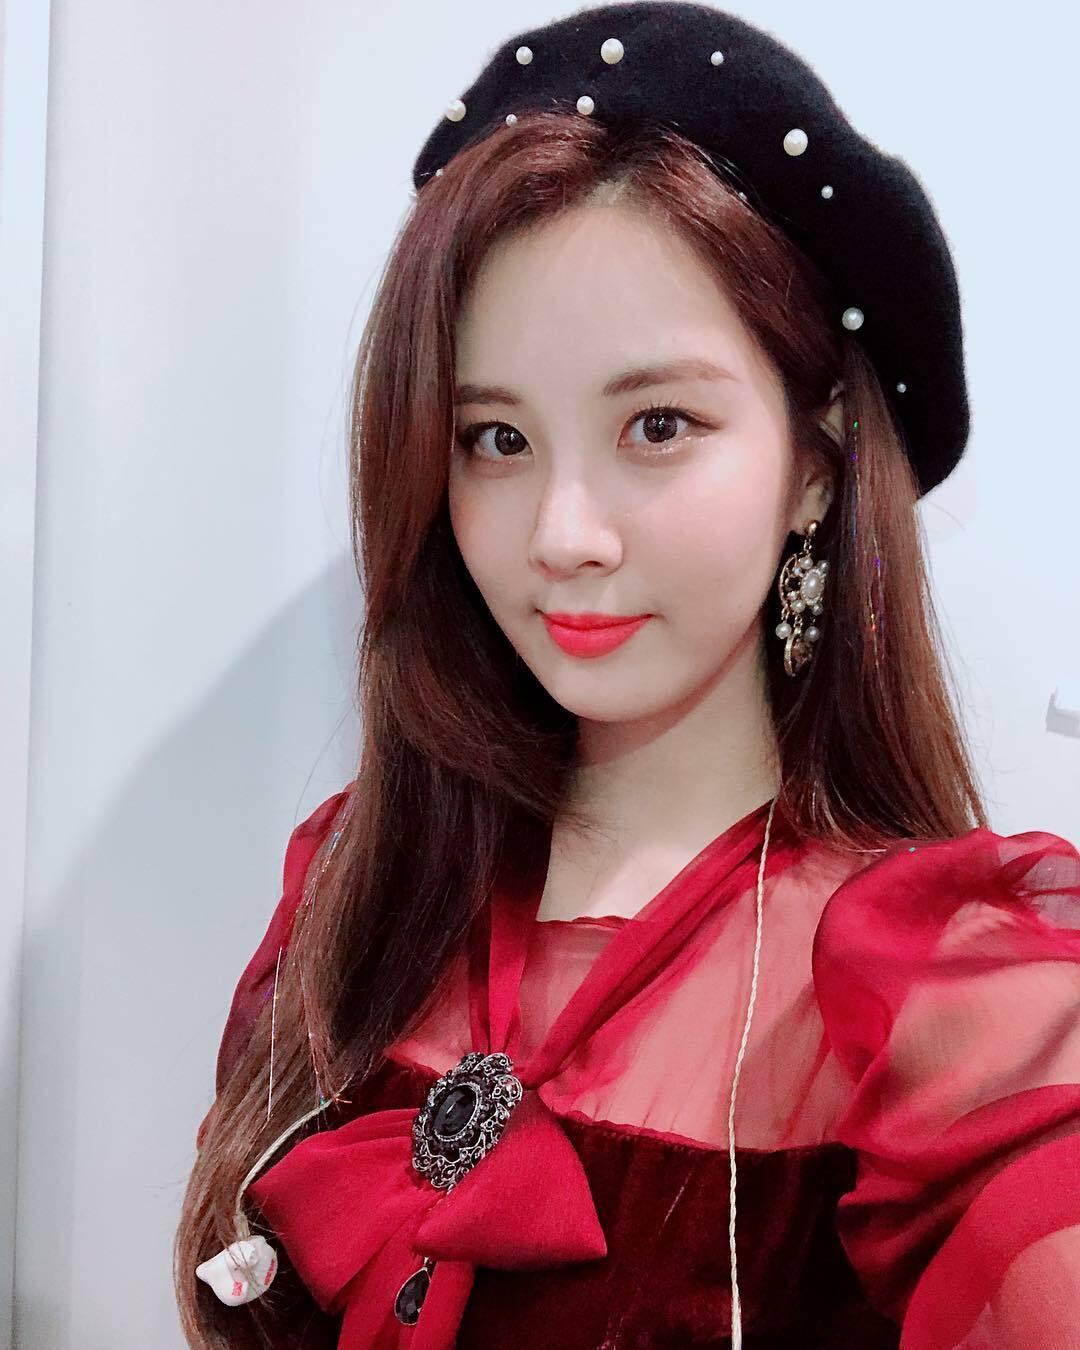 Seo Hyun đẹp lấn át đàn em 10x khi đụng hàng - 4